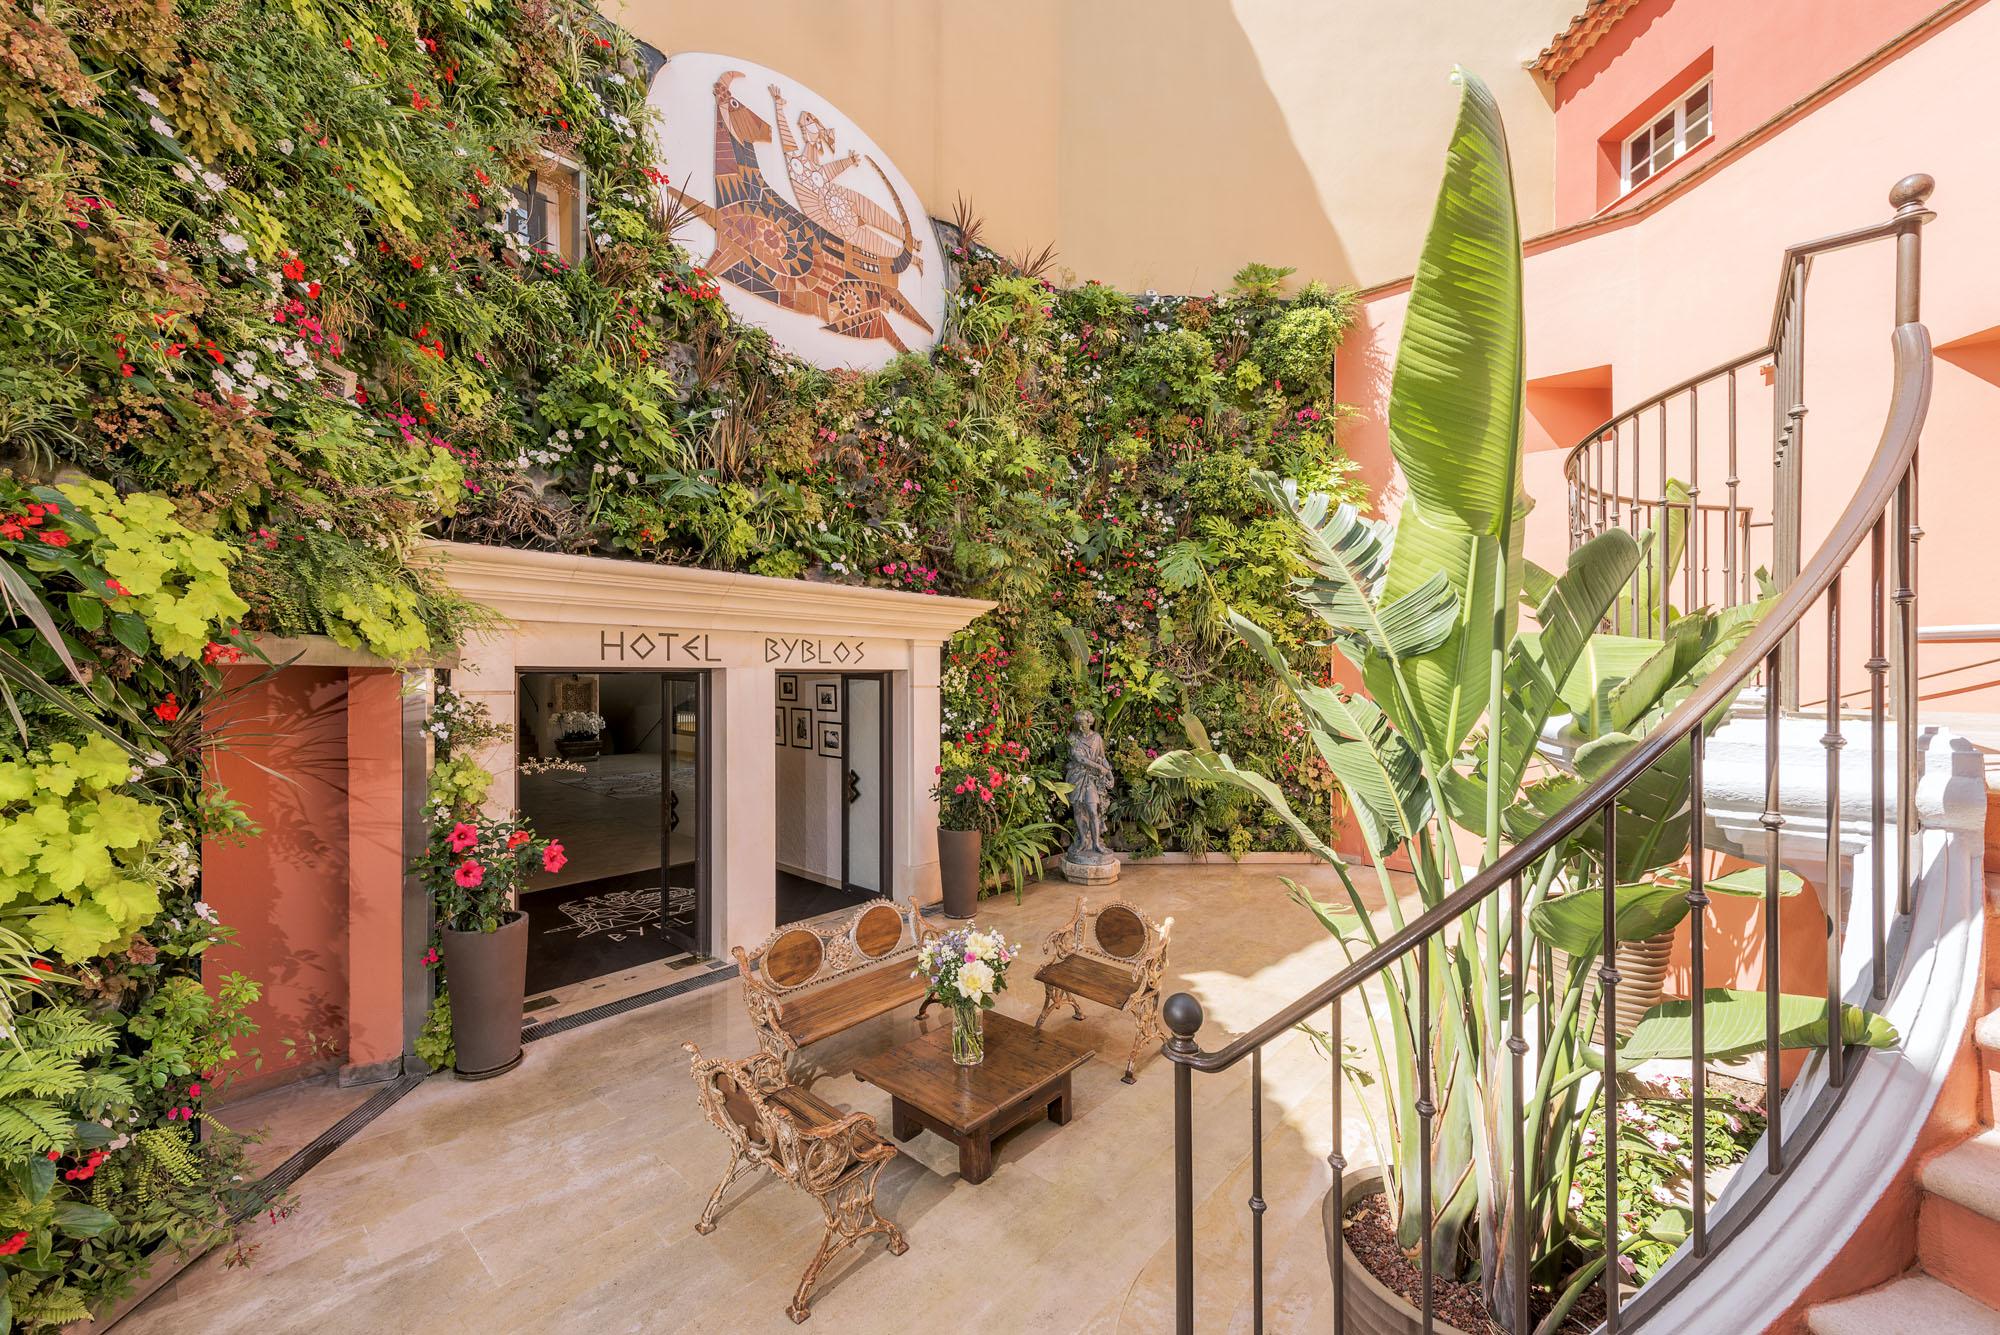 Main entrance at Hotel Byblos Saint-Tropez1 BD©Alexandre